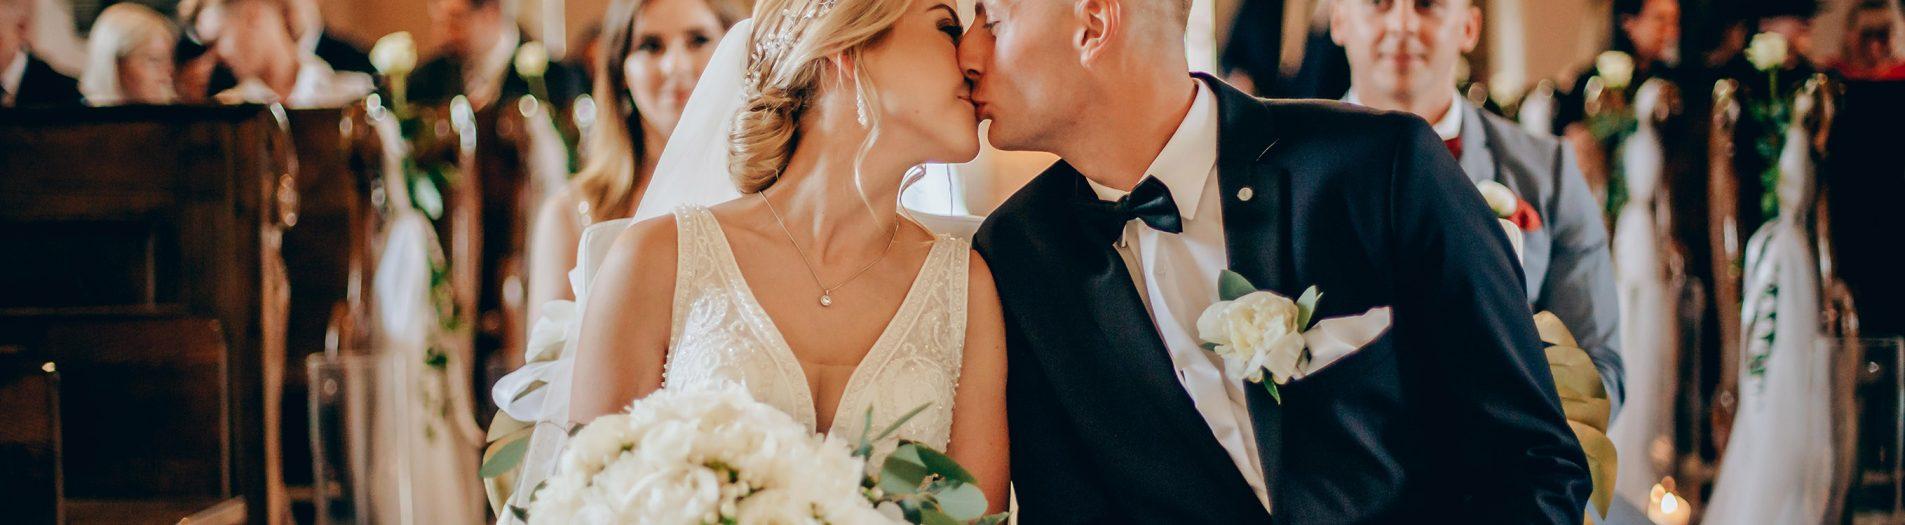 Klaudia & Krzysztof  2020  Wedding